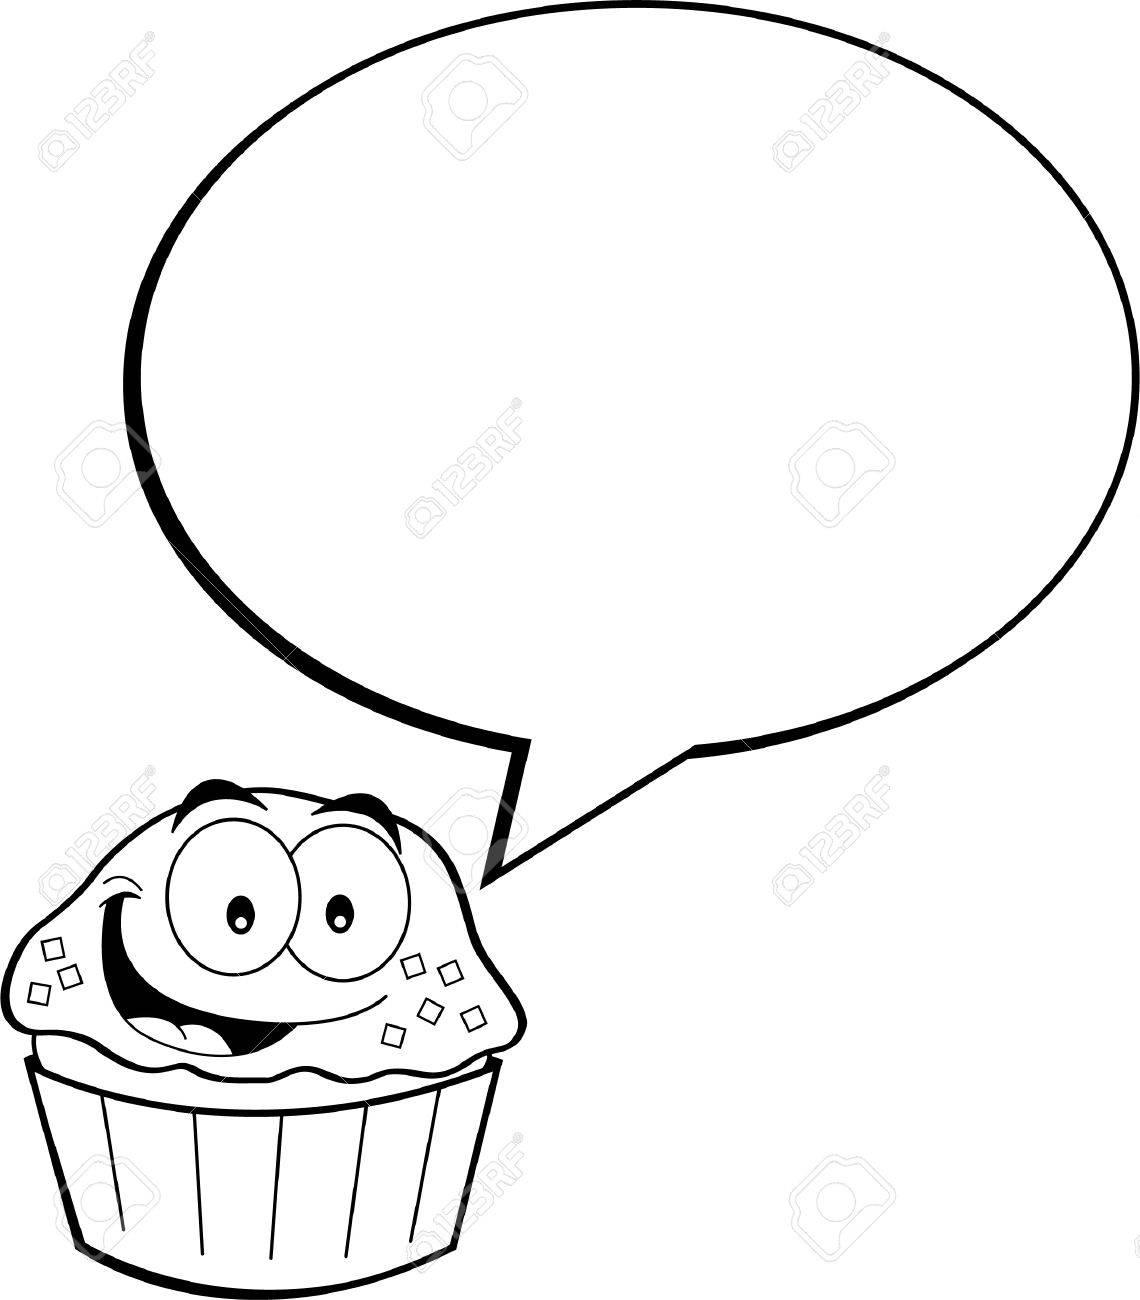 Schwarz Weiss Darstellung Von Einem Kleinen Kuchen Mit Einer